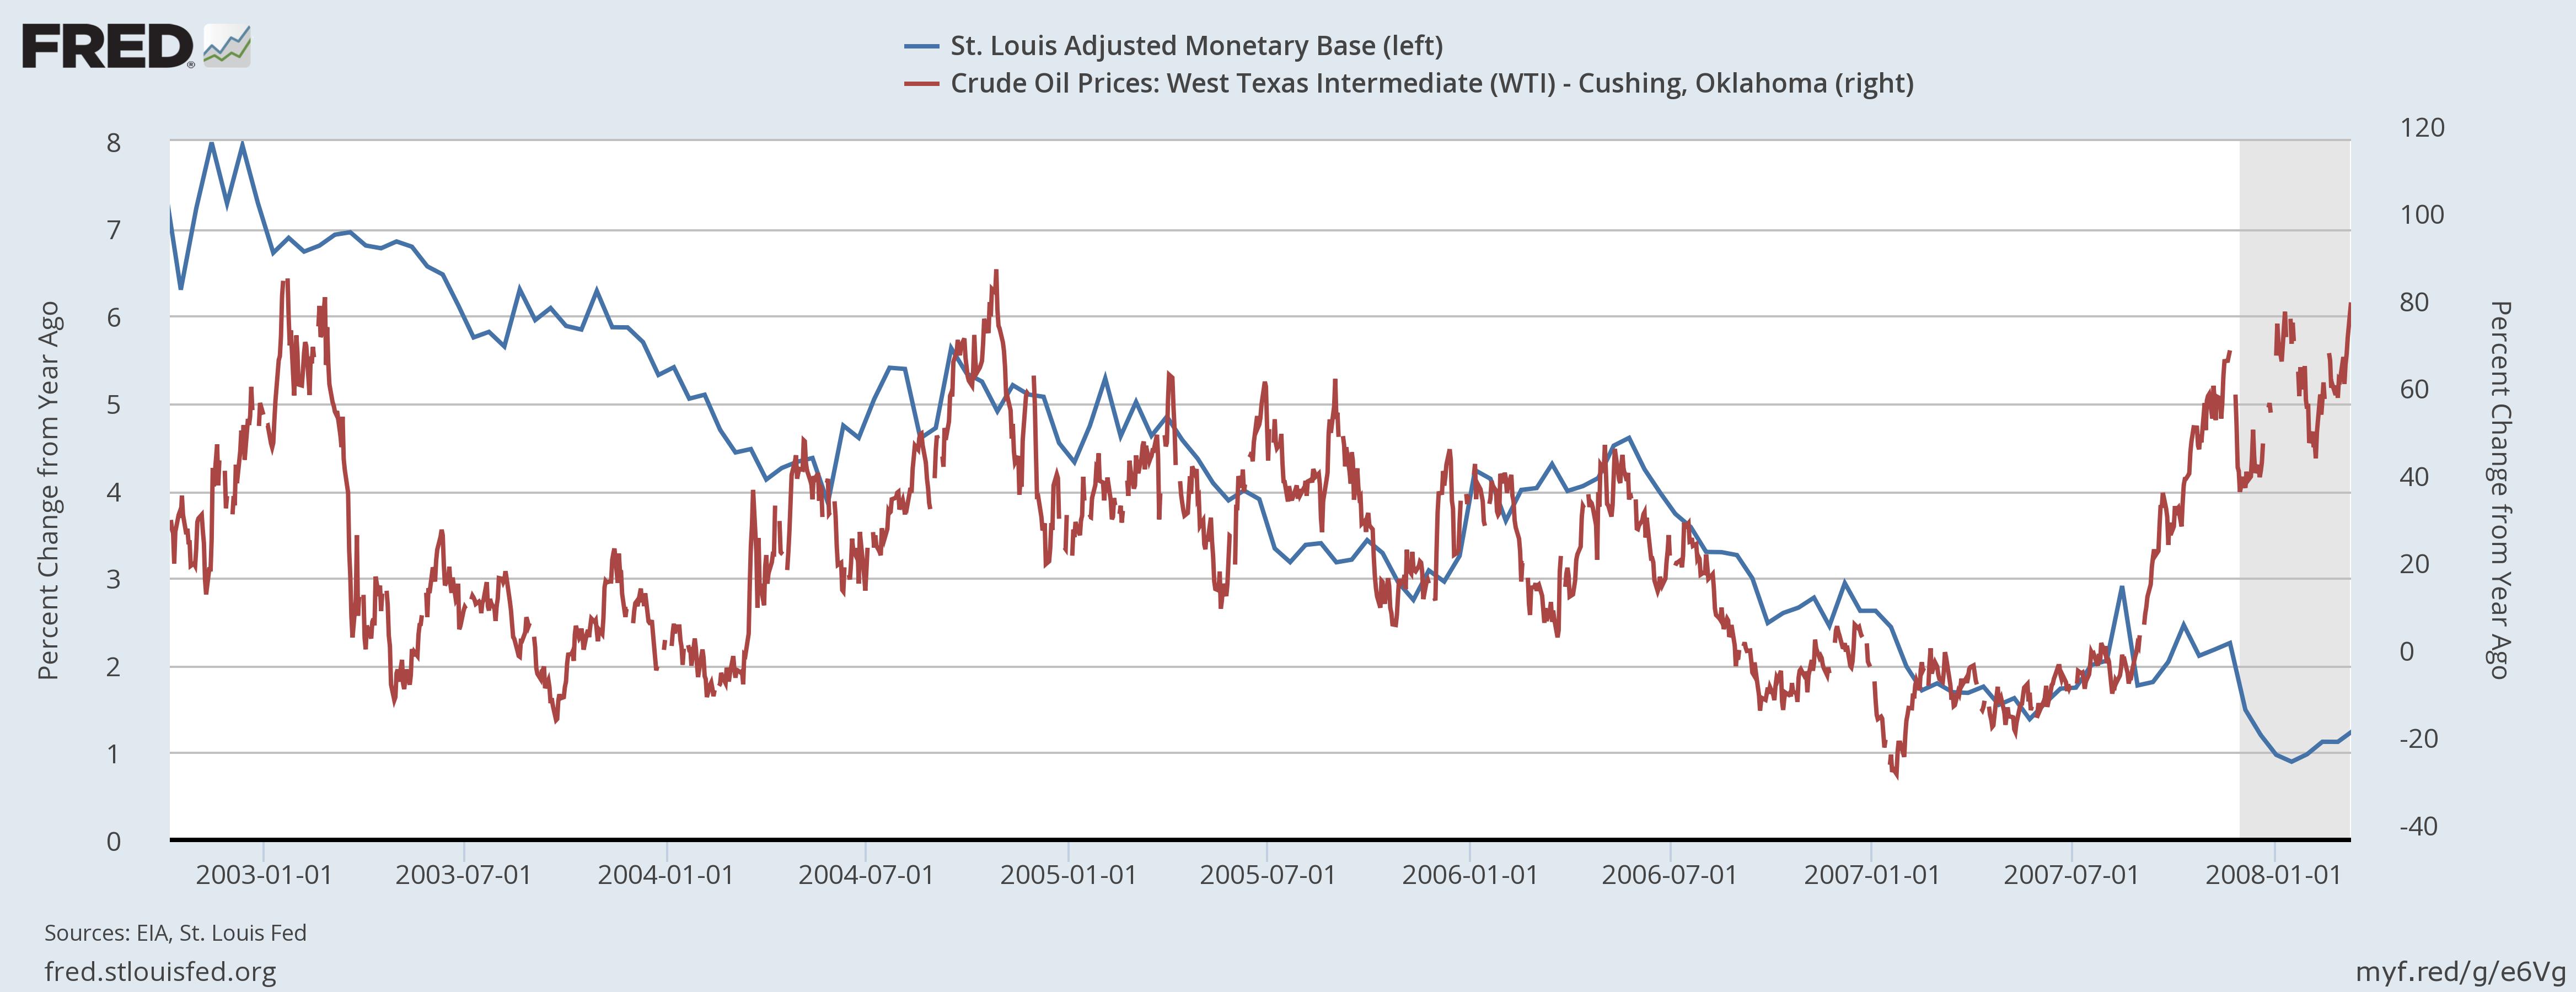 fred.stlouisfed.org: Корреляции изменения цен нефти и денежной базы США